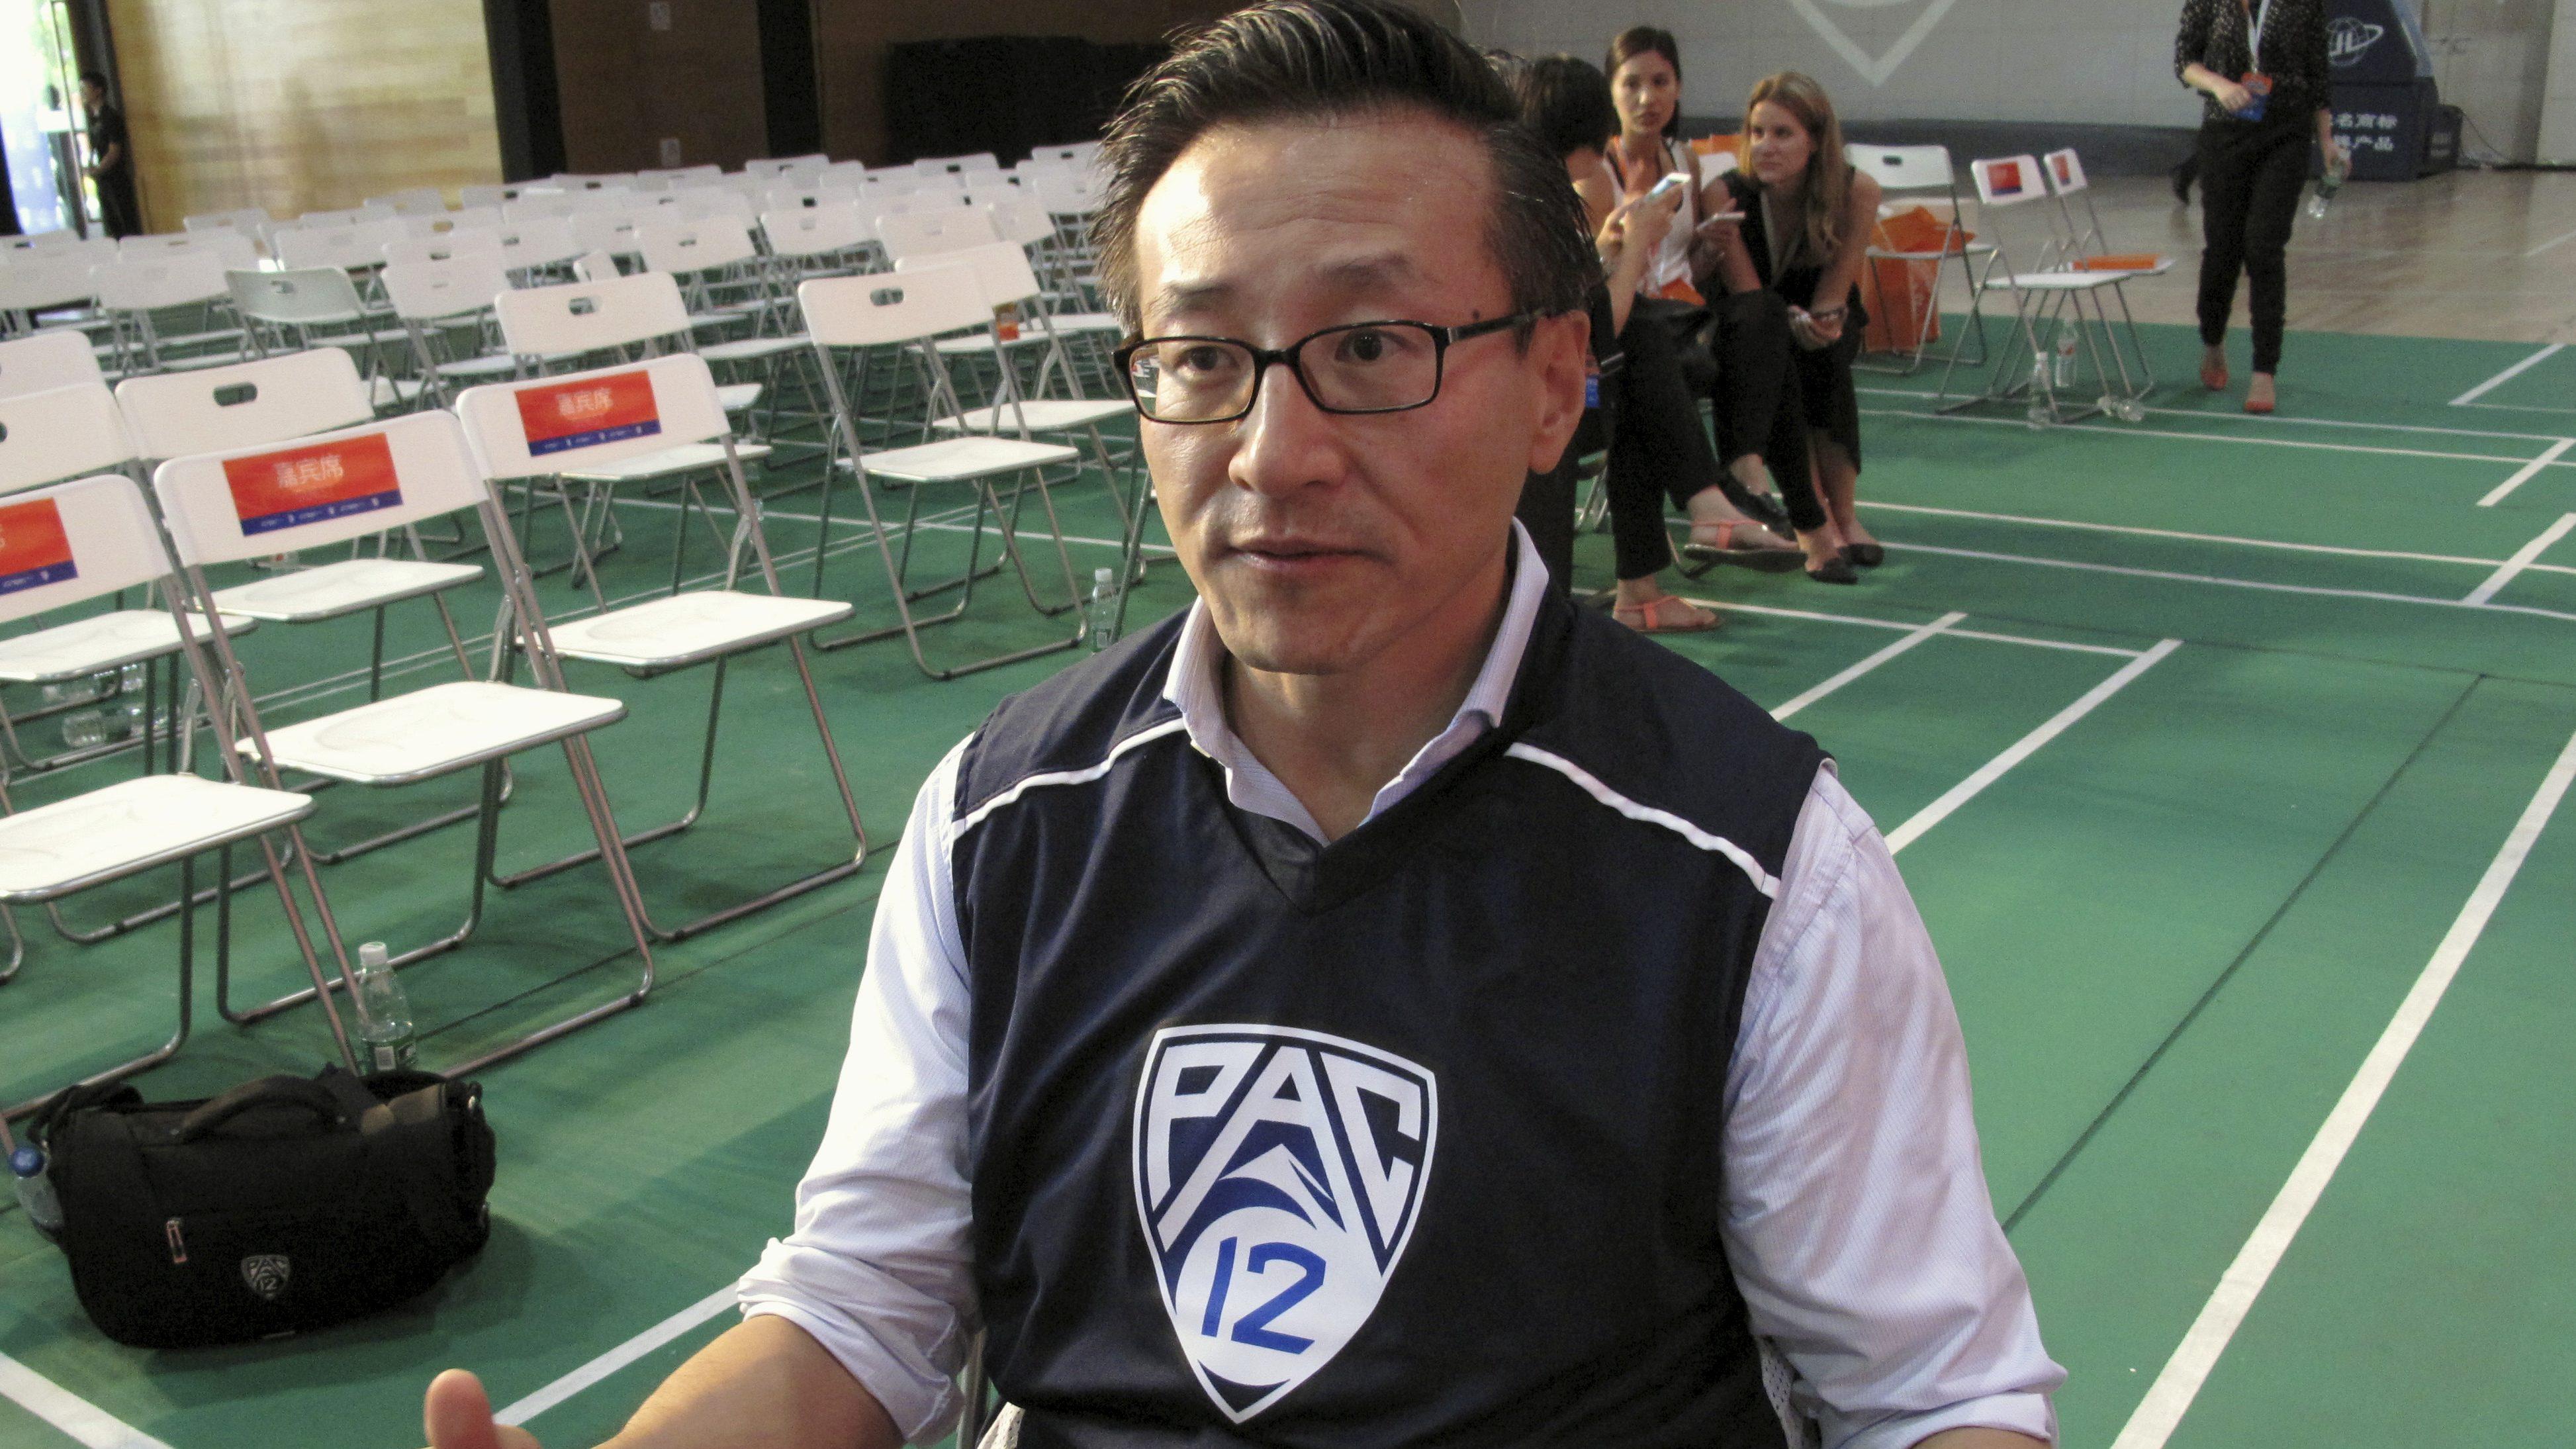 Tsai speaks during an in Hangzhou